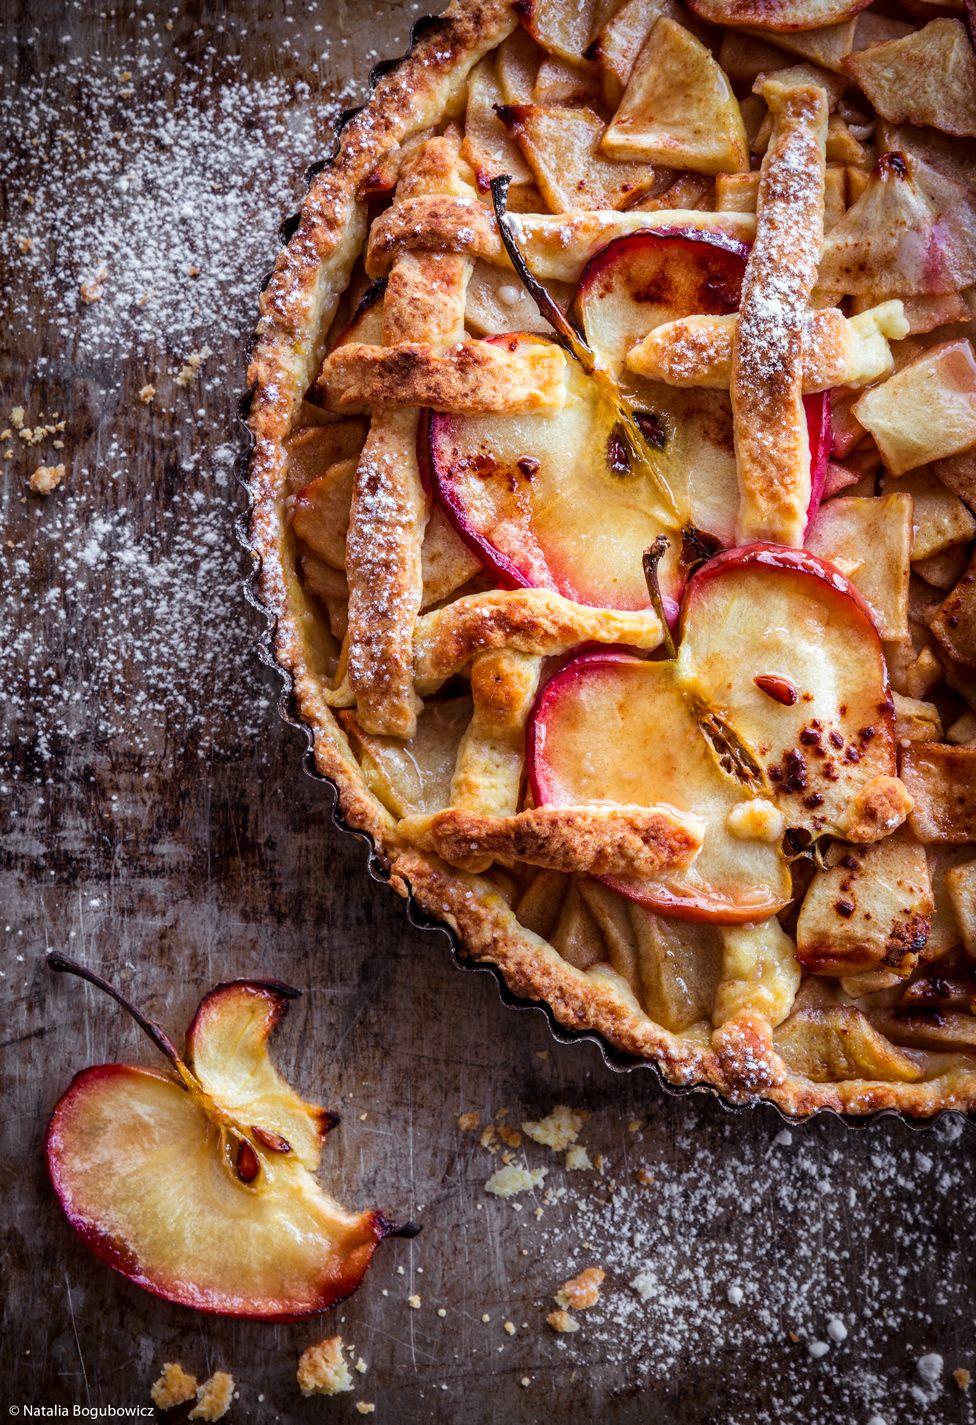 کیک سیب برنده  جایزه عکاسی  غذا